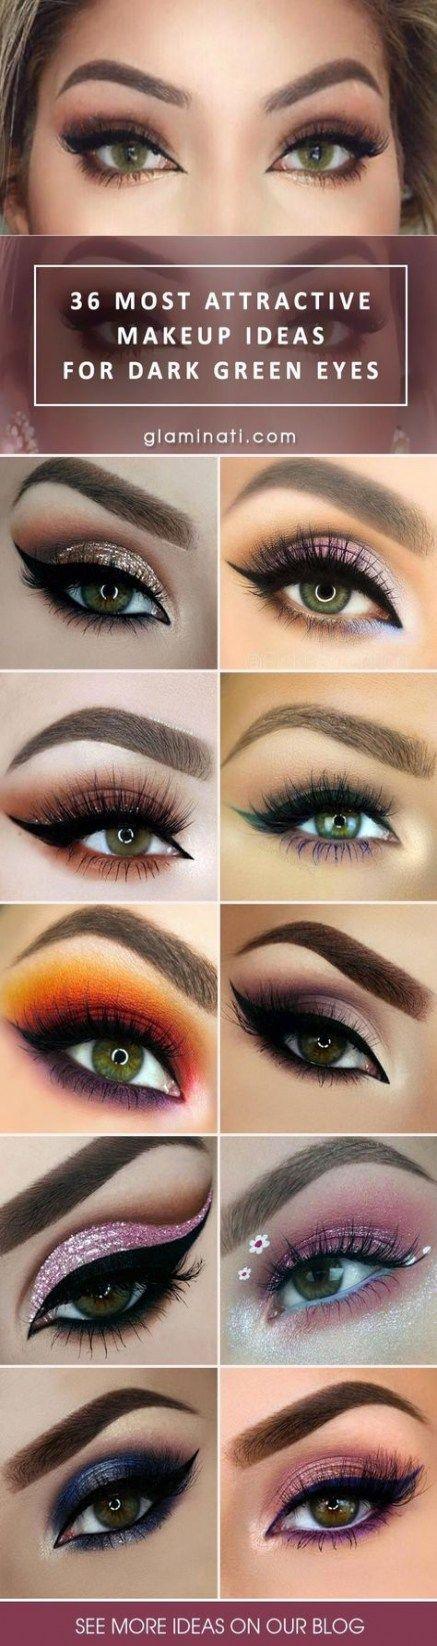 Trendy Hair Dark Green Makeup Tutorials Ideas Makeup for